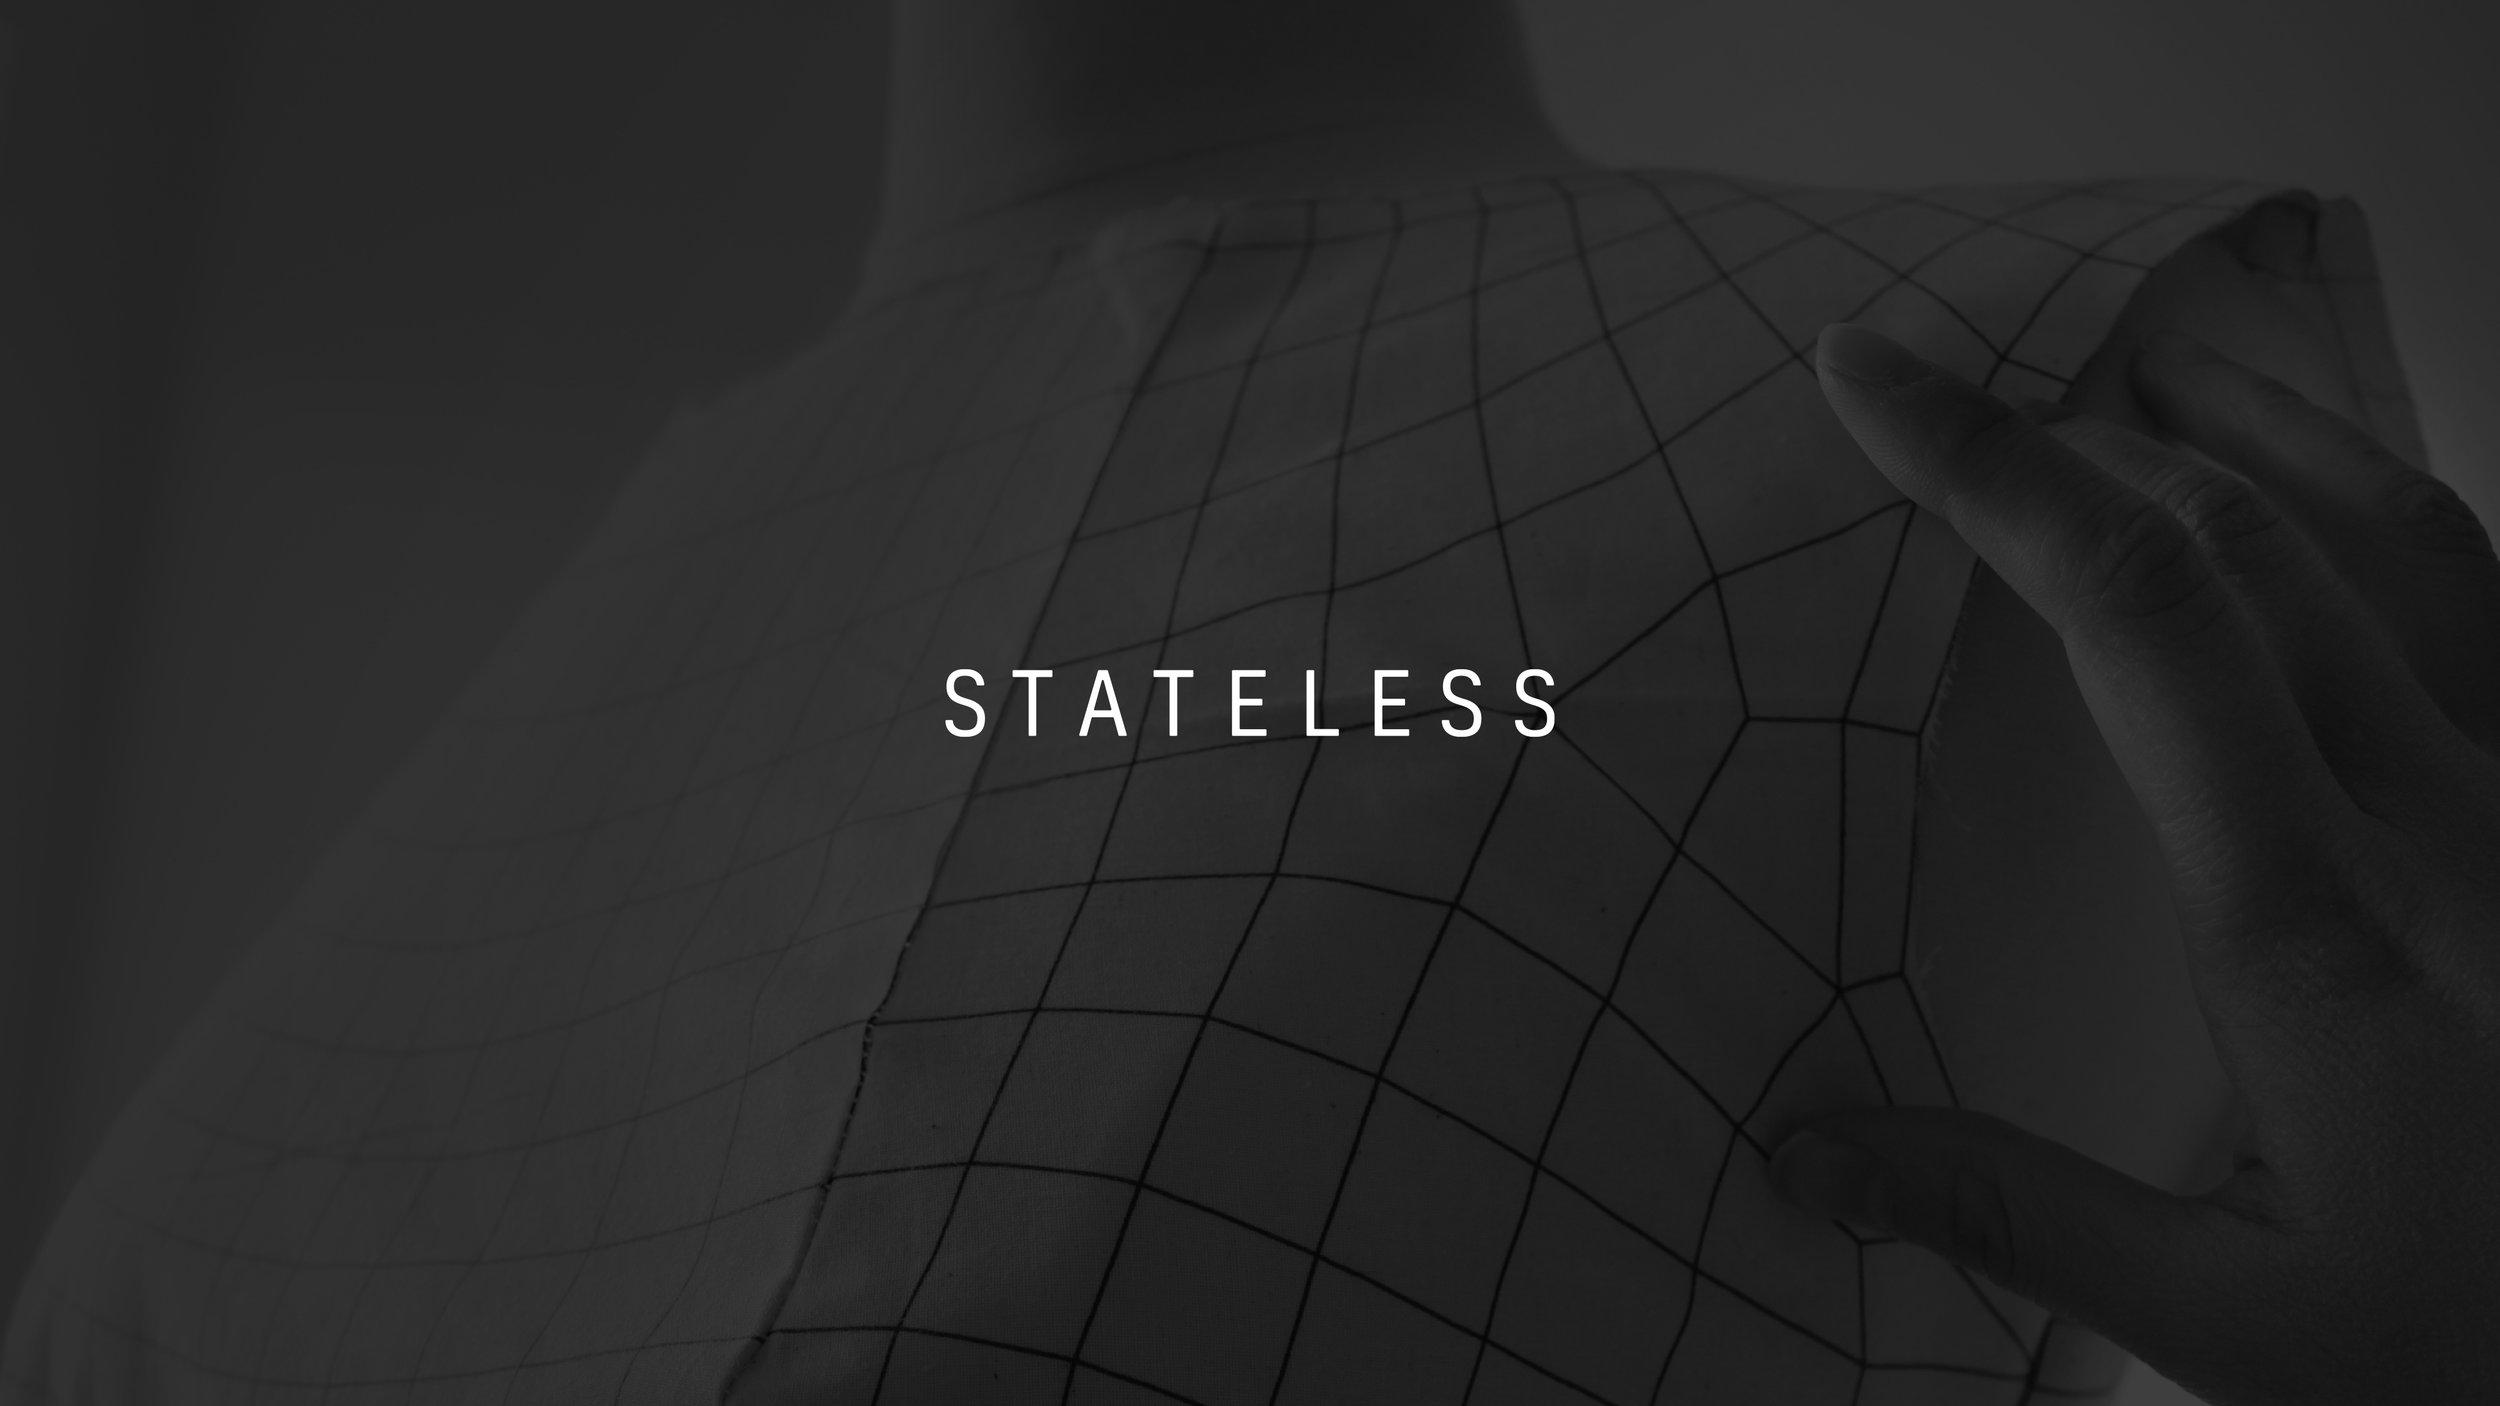 Stateless_StyleGuide_V2.jpg